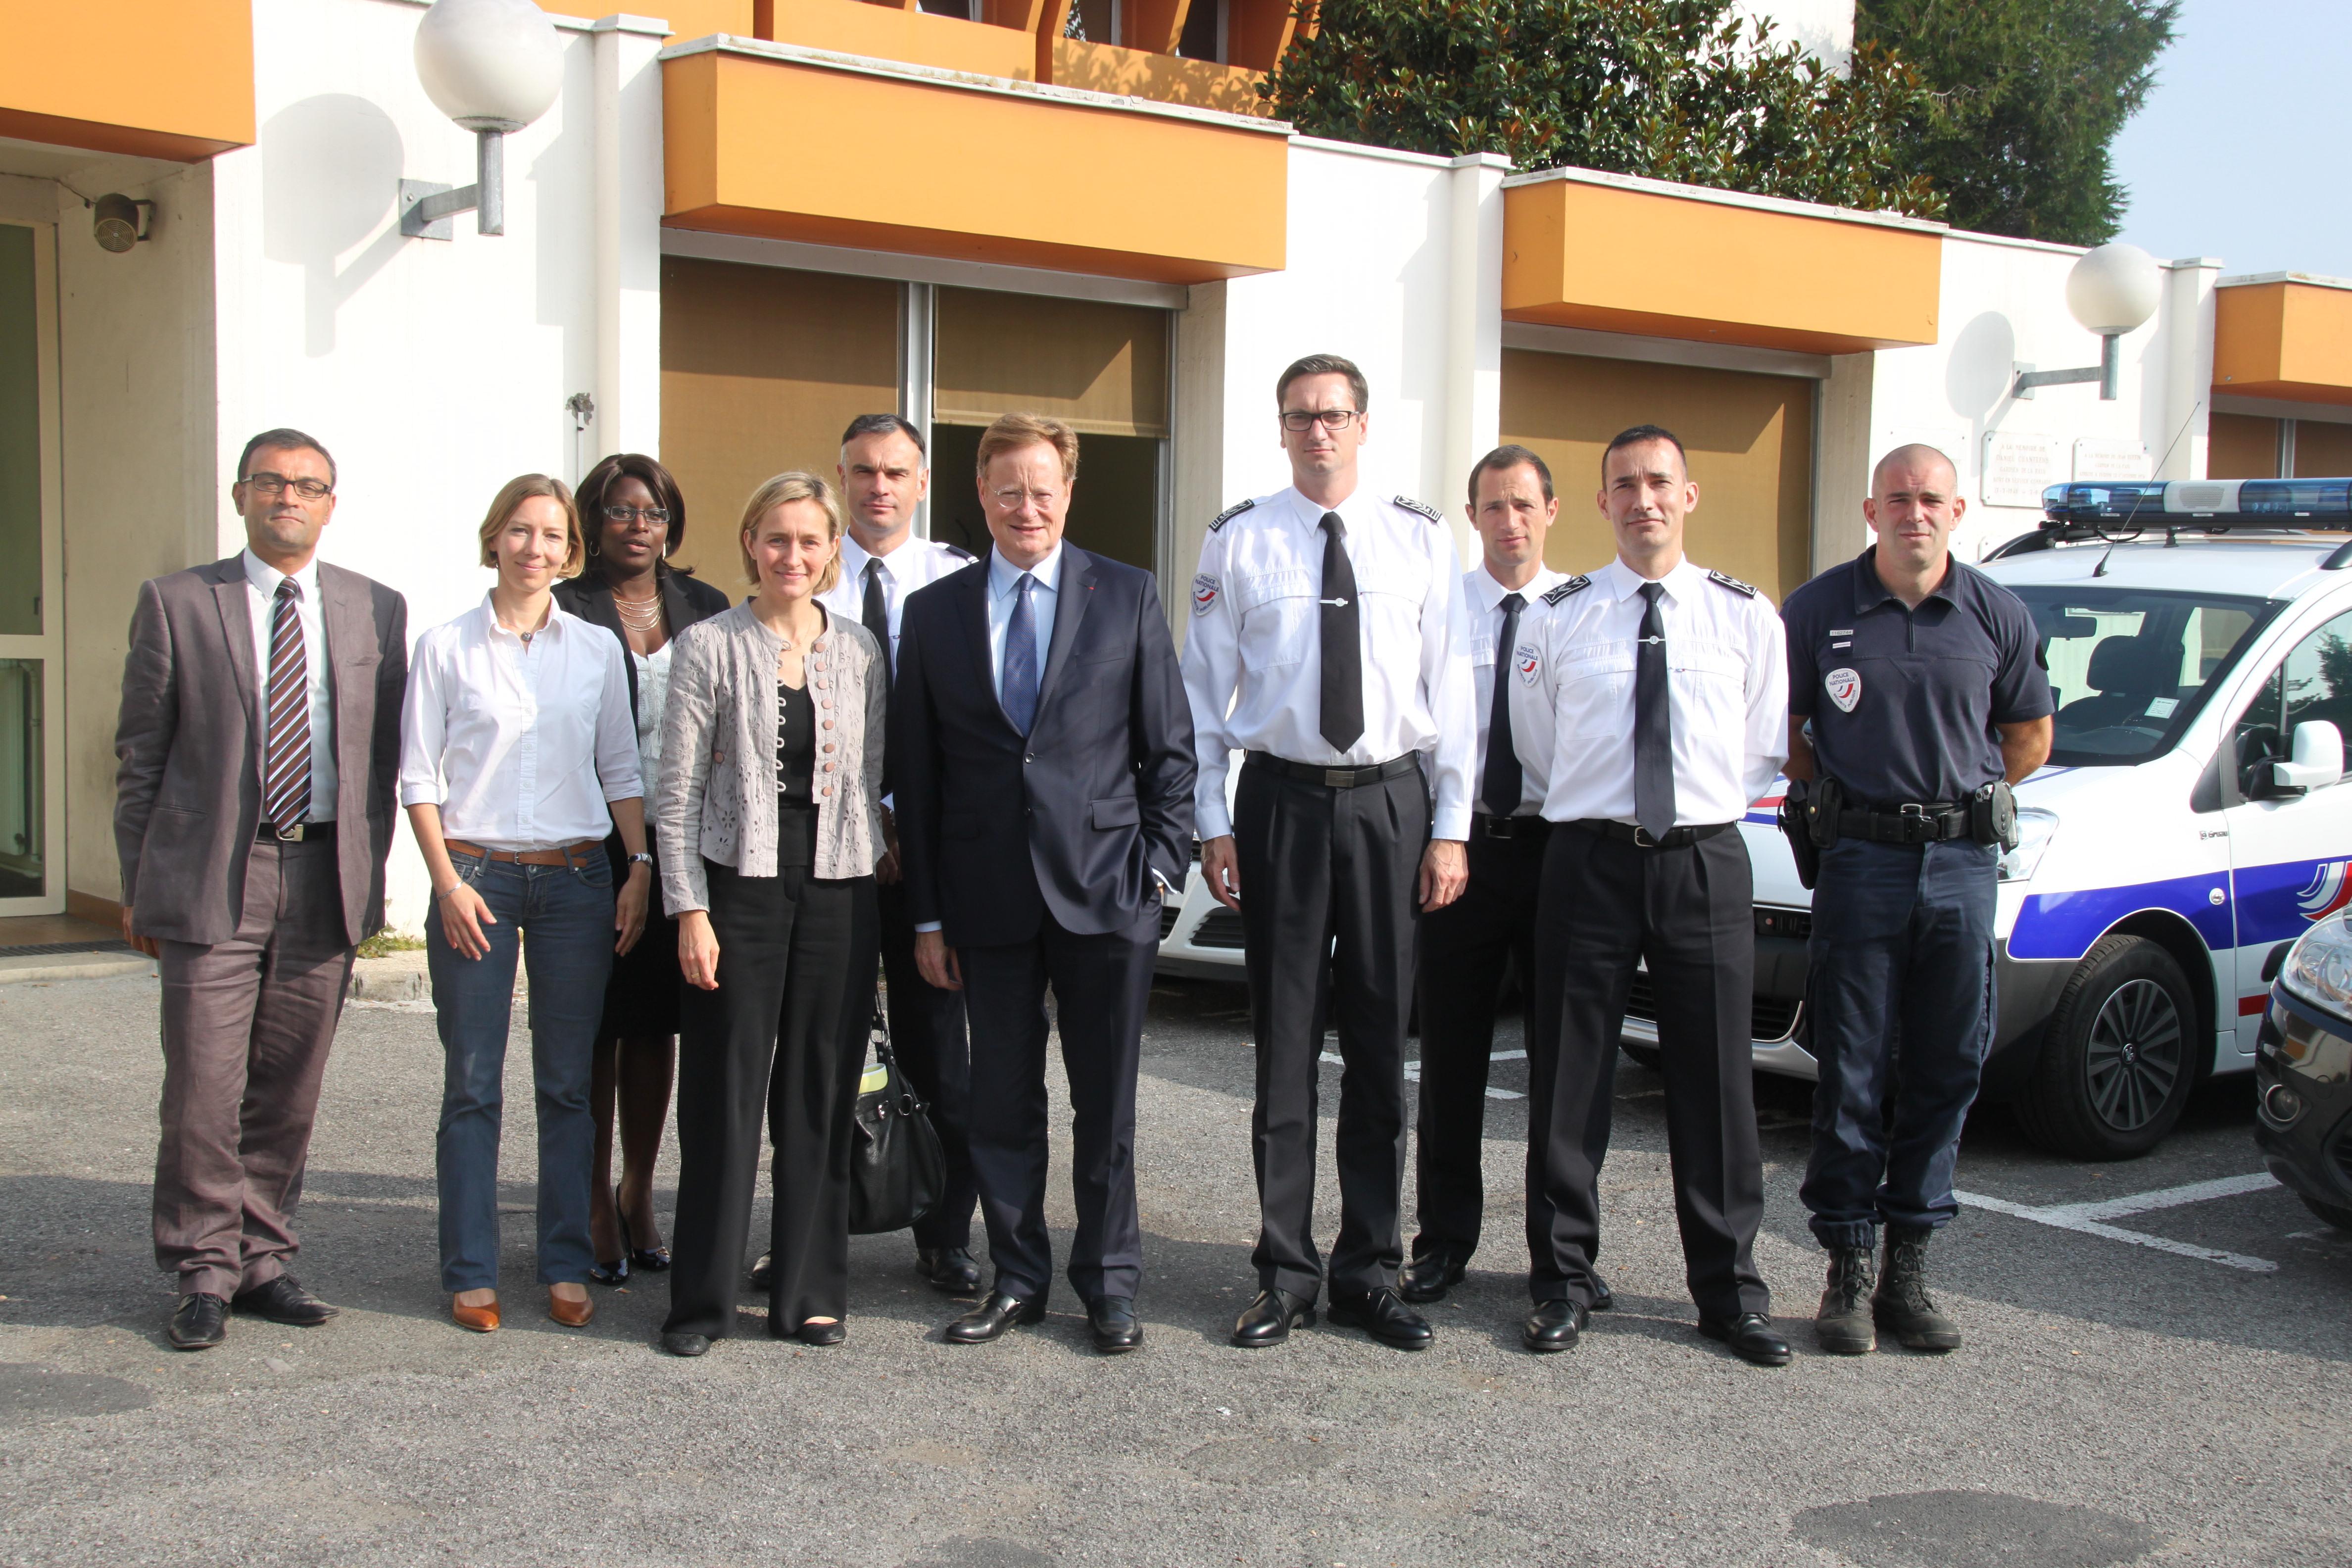 Le nouveau préfet aux côtés du directeur départemental de la Sécurité publique (DDSP) et de ses principaux collaborateurs ce matin à l'hôtel de police (Photo DR)